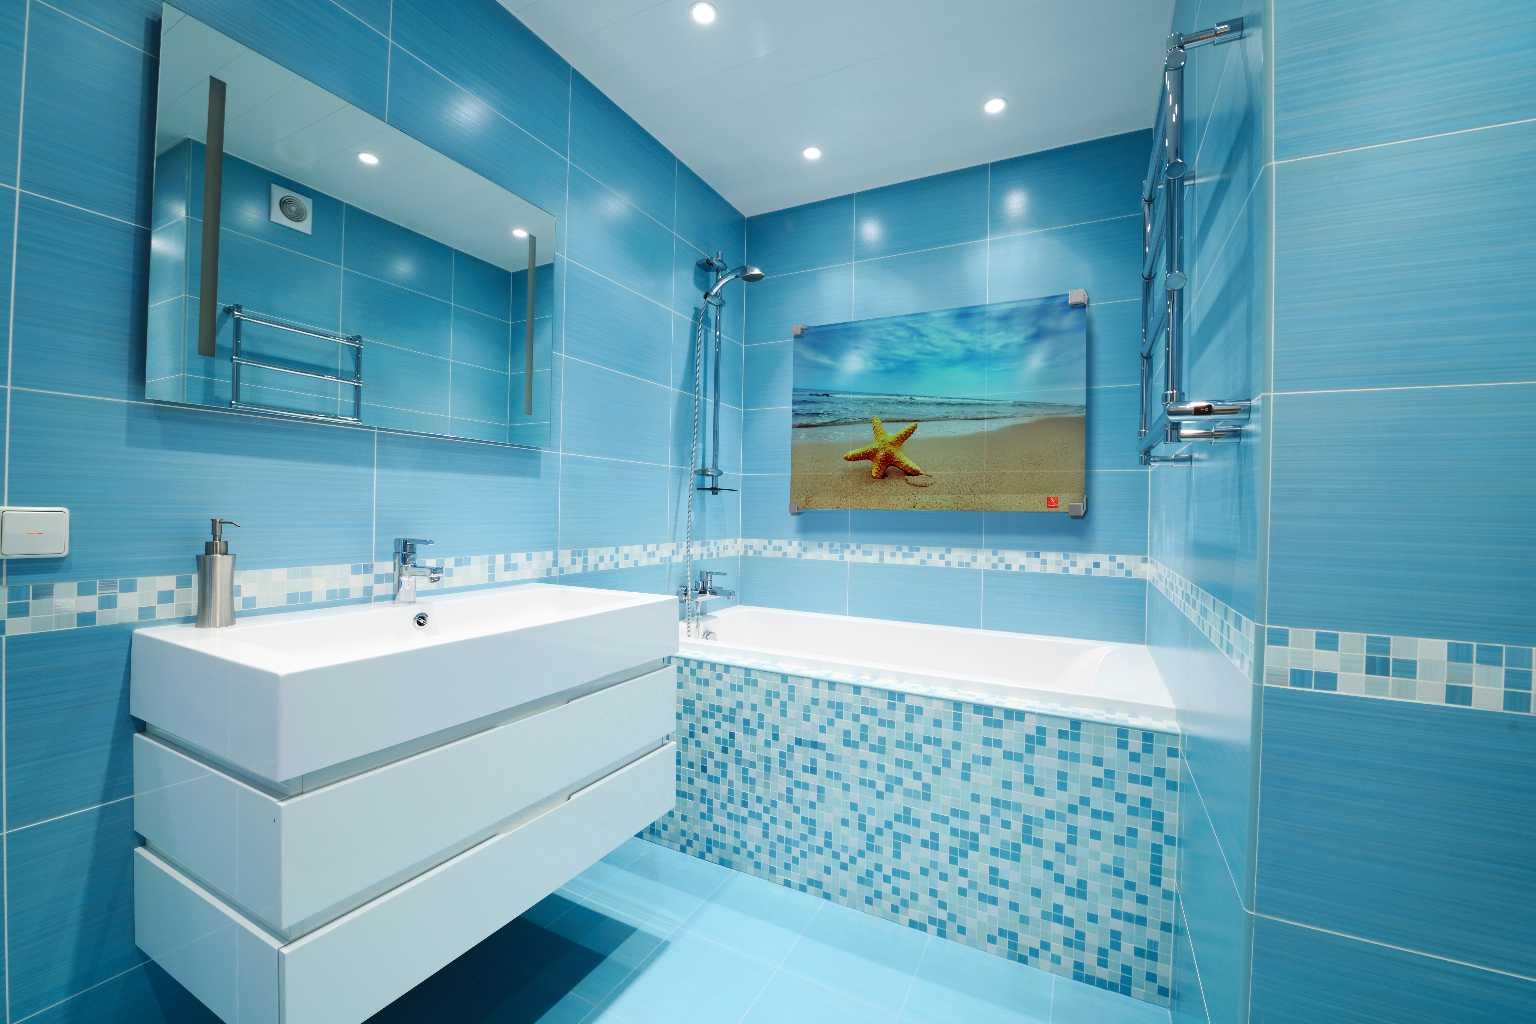 ... Soffitto Bagno: Artemusa decorazioni: decorazione camino e soffitto